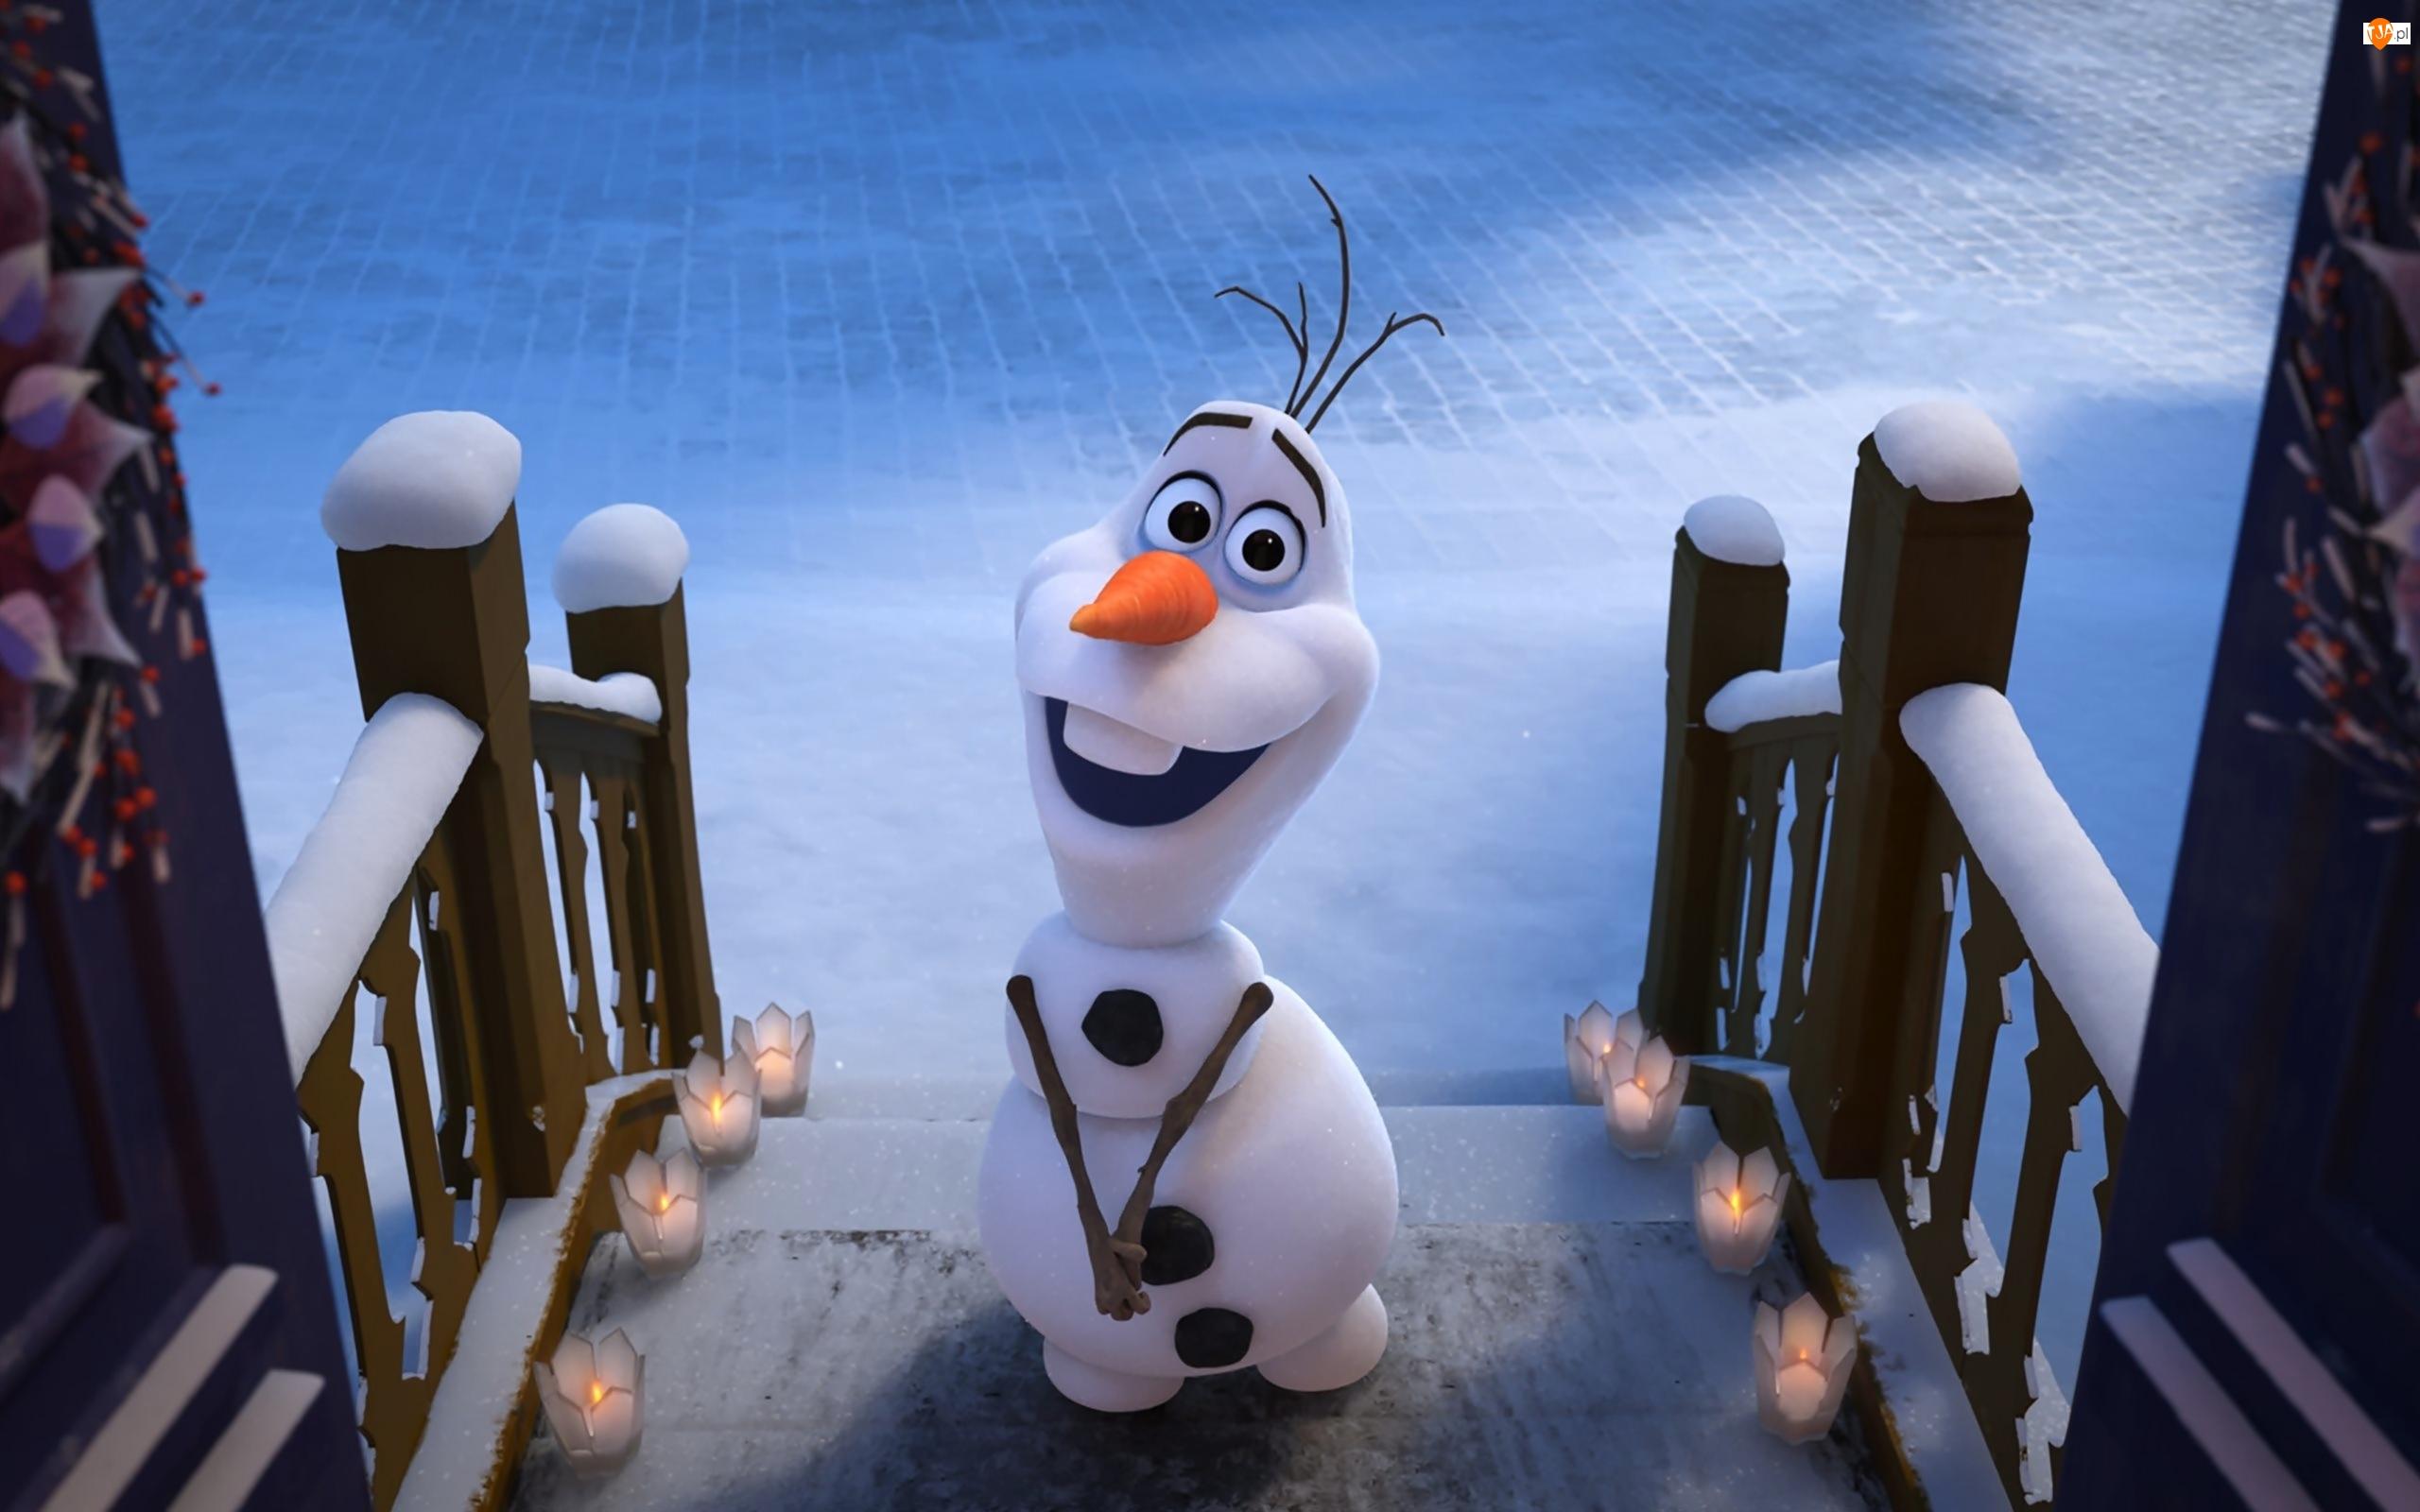 Olafs Frozen Adventure, Zima, Kraina lodu Przygoda Olafa, Bajka, Bałwanek Olaf